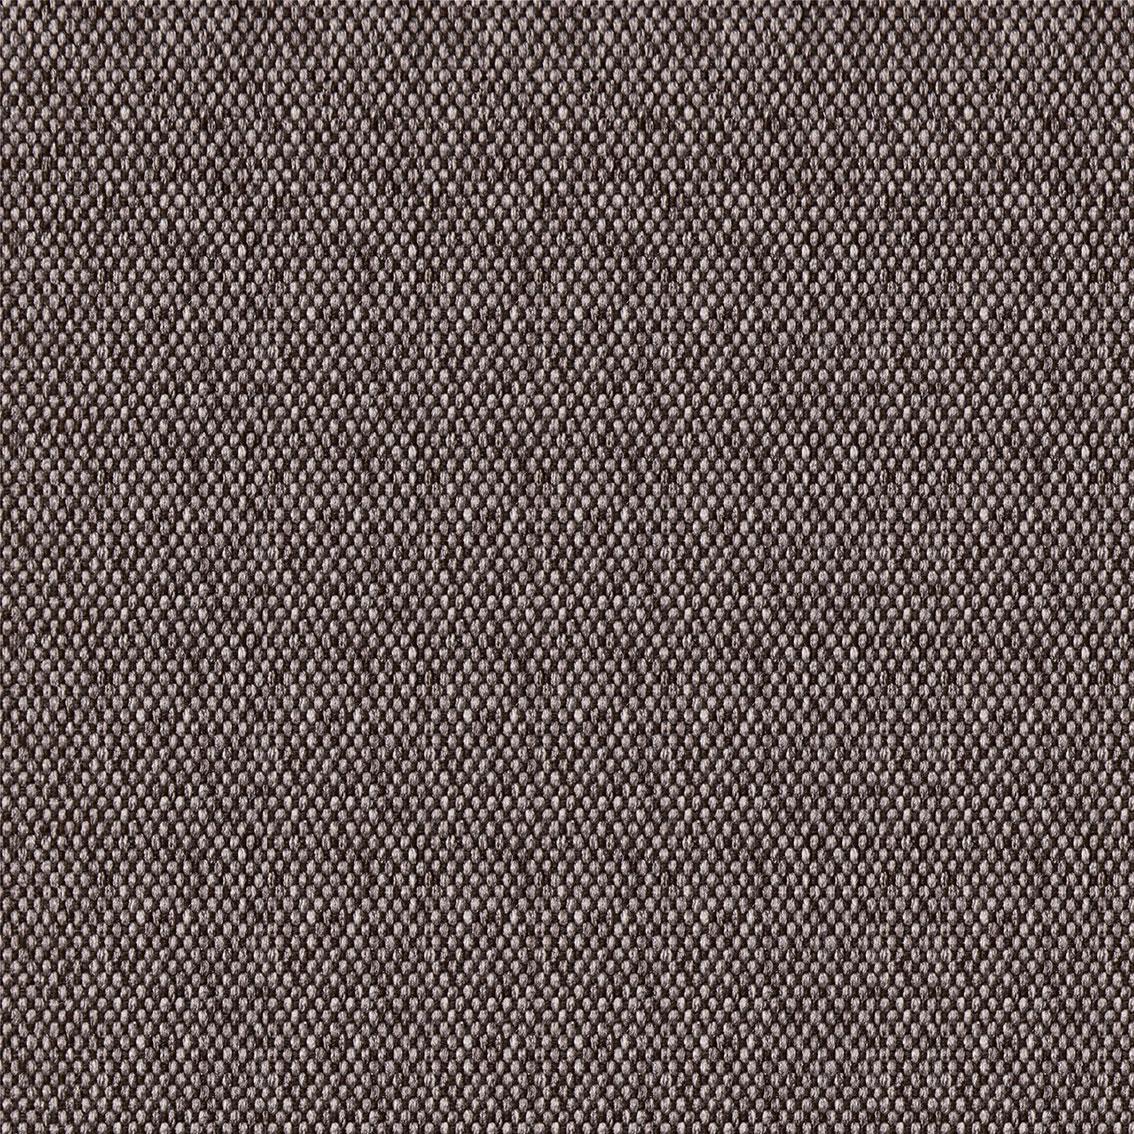 Коллекция ткани Leroy 303,  купить ткань Рогожка для мебели Украина